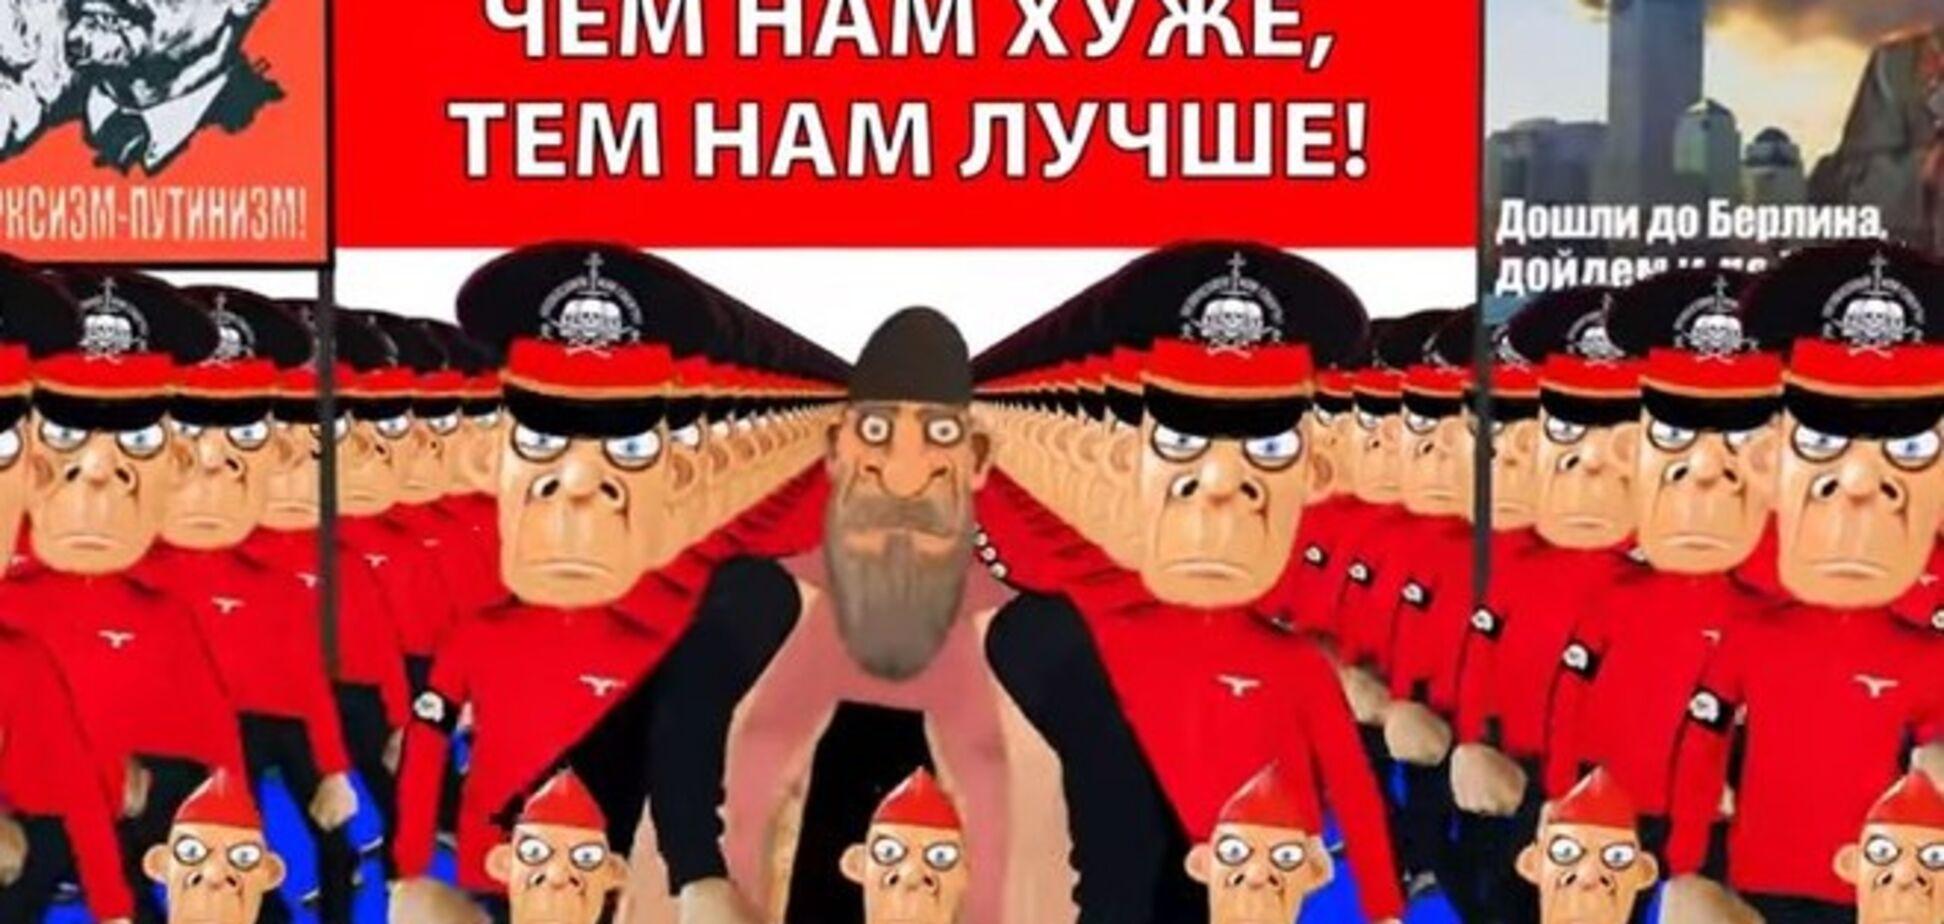 Росіянам наочно і дуже смішно показали, що з них робить телевізор: опубліковано відео